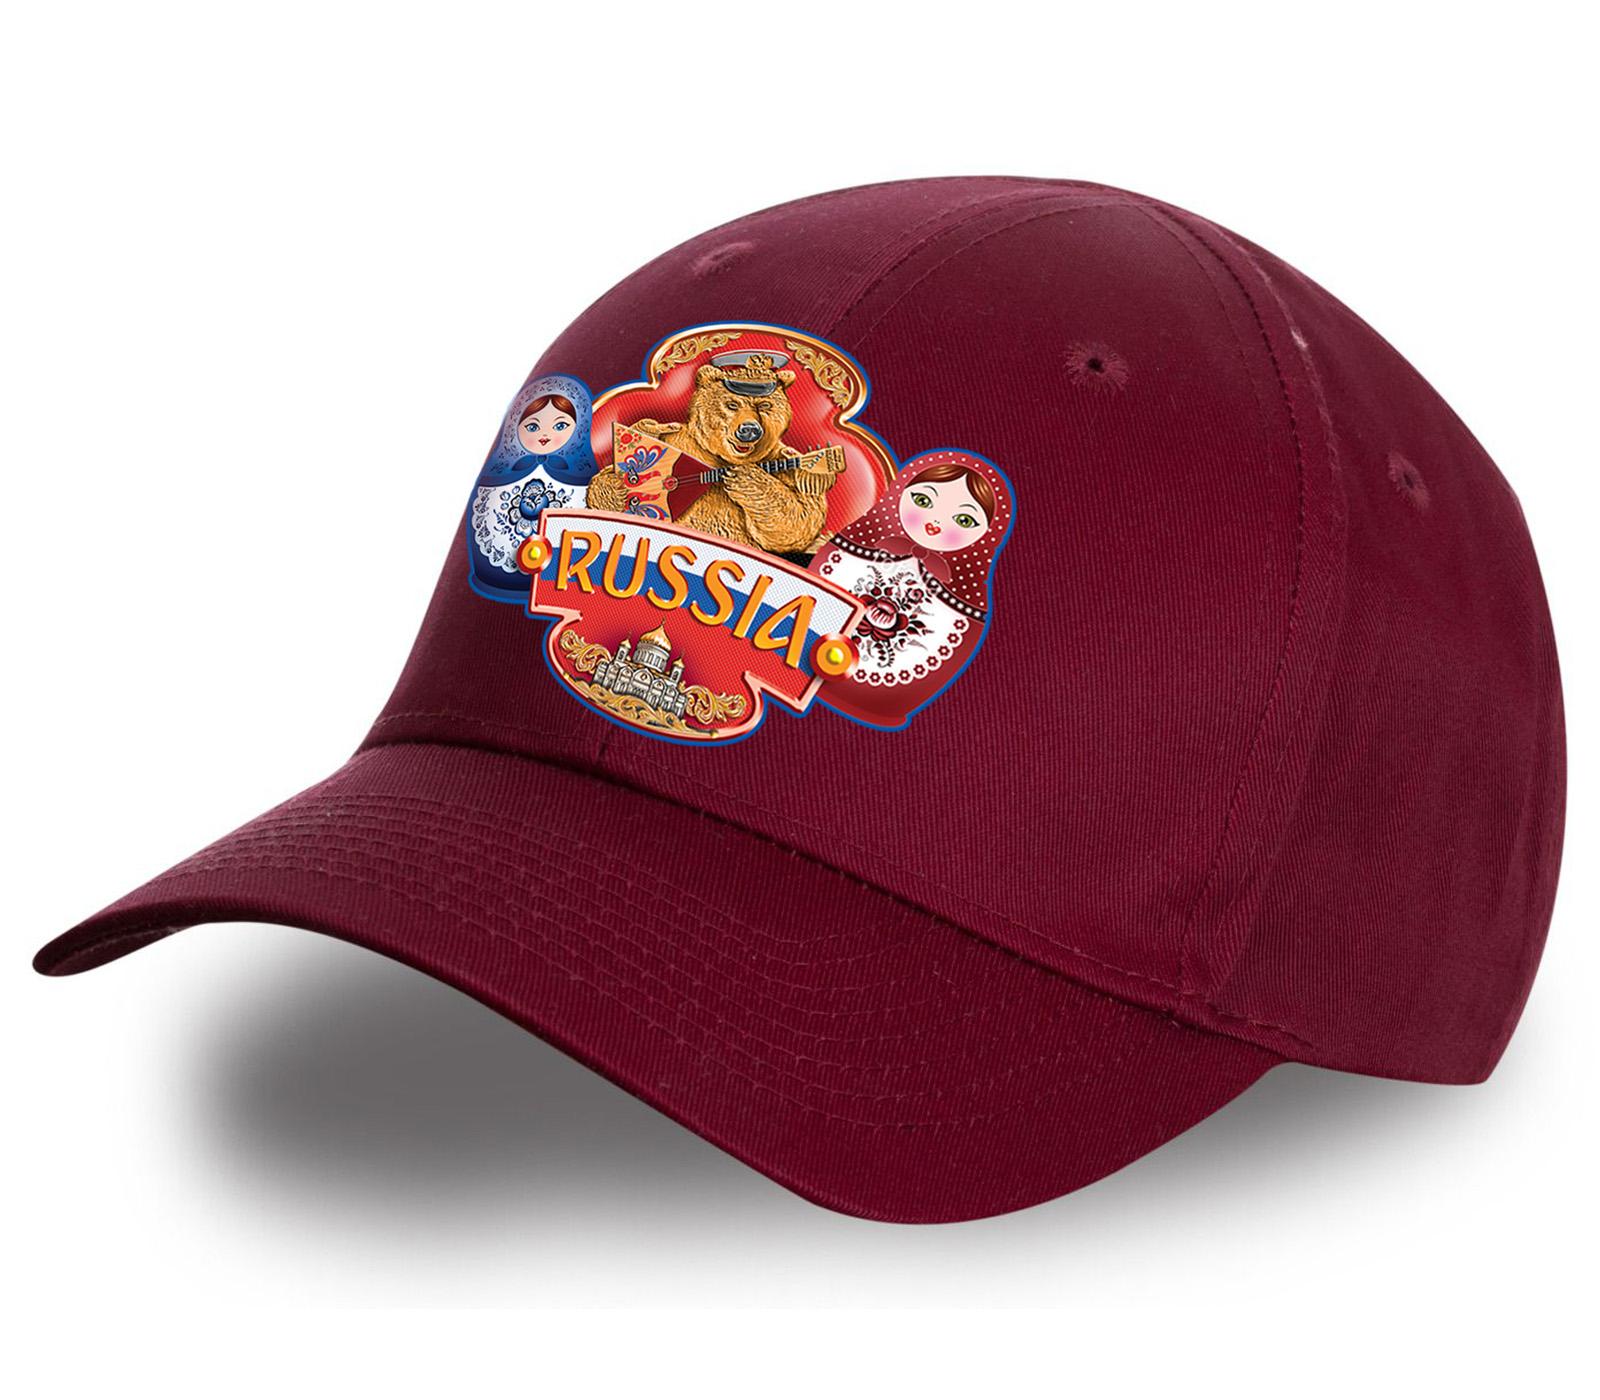 """Бордовая бейсболка """"Russia"""" матрешки - уникальное предложение от Военпро. Стильная модель в мега-популярном дизайне. 100% хлопок. Заказывай и носи гордо!"""